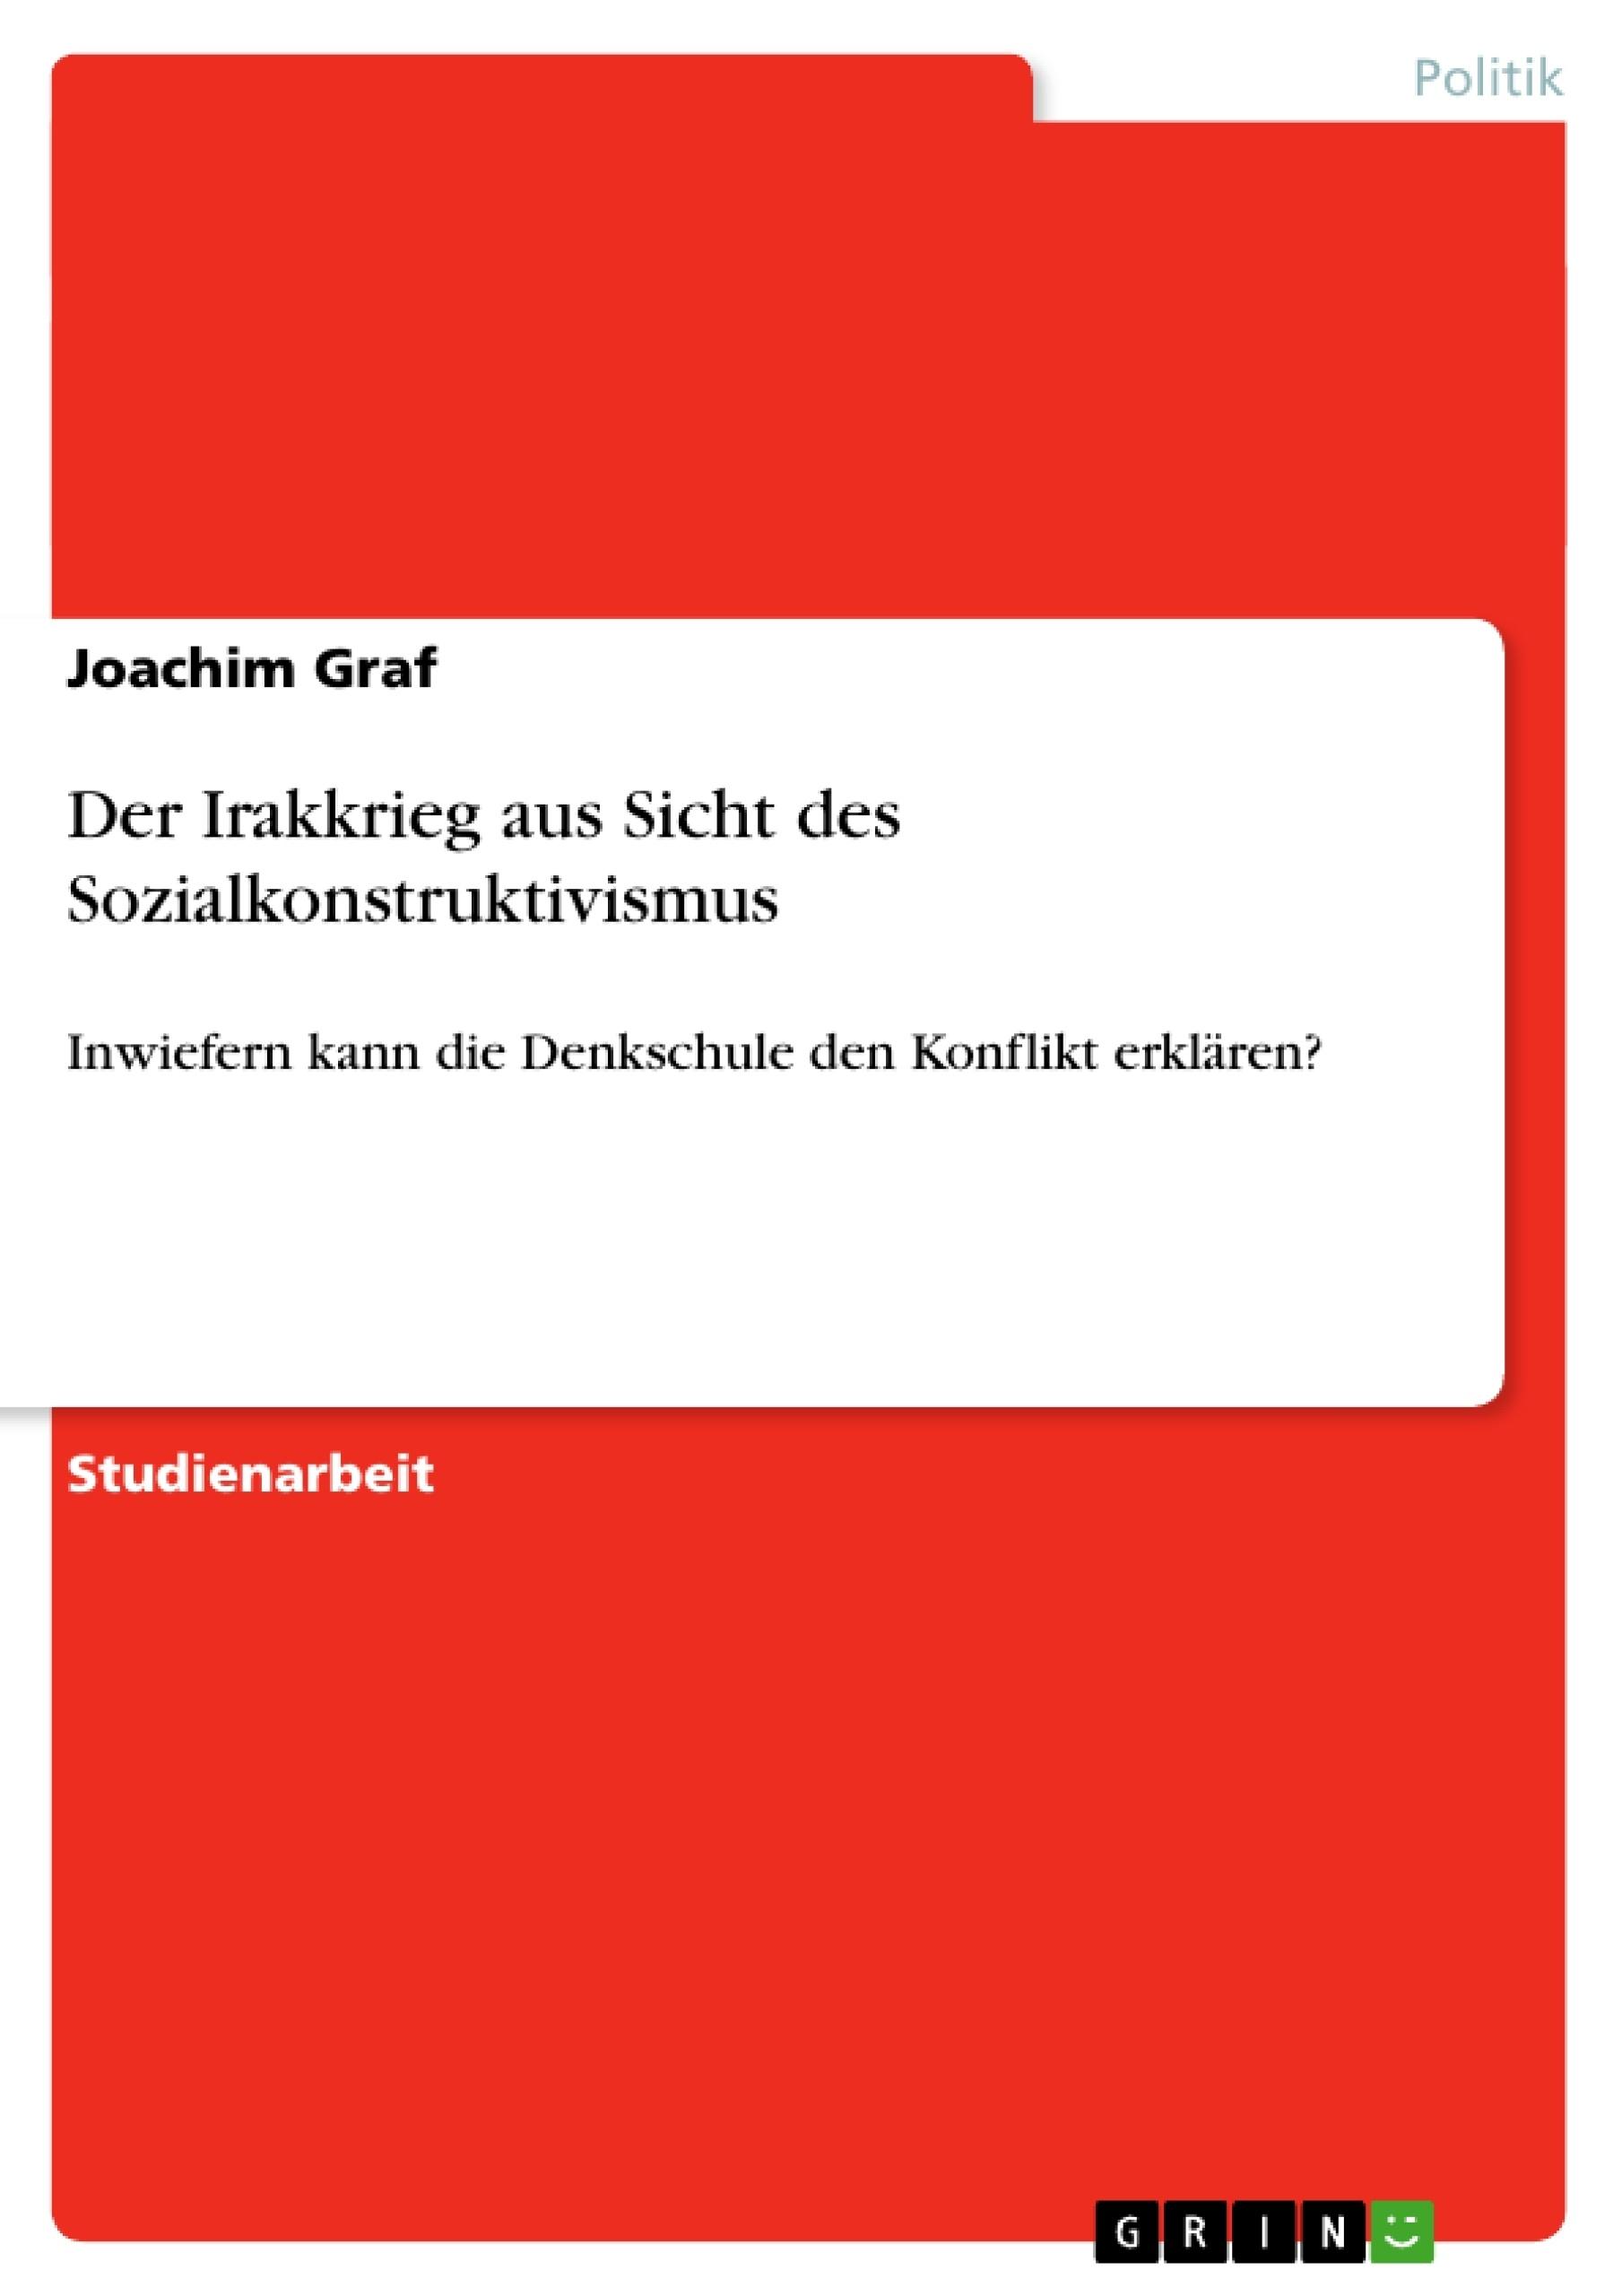 Titel: Der Irakkrieg aus Sicht des Sozialkonstruktivismus